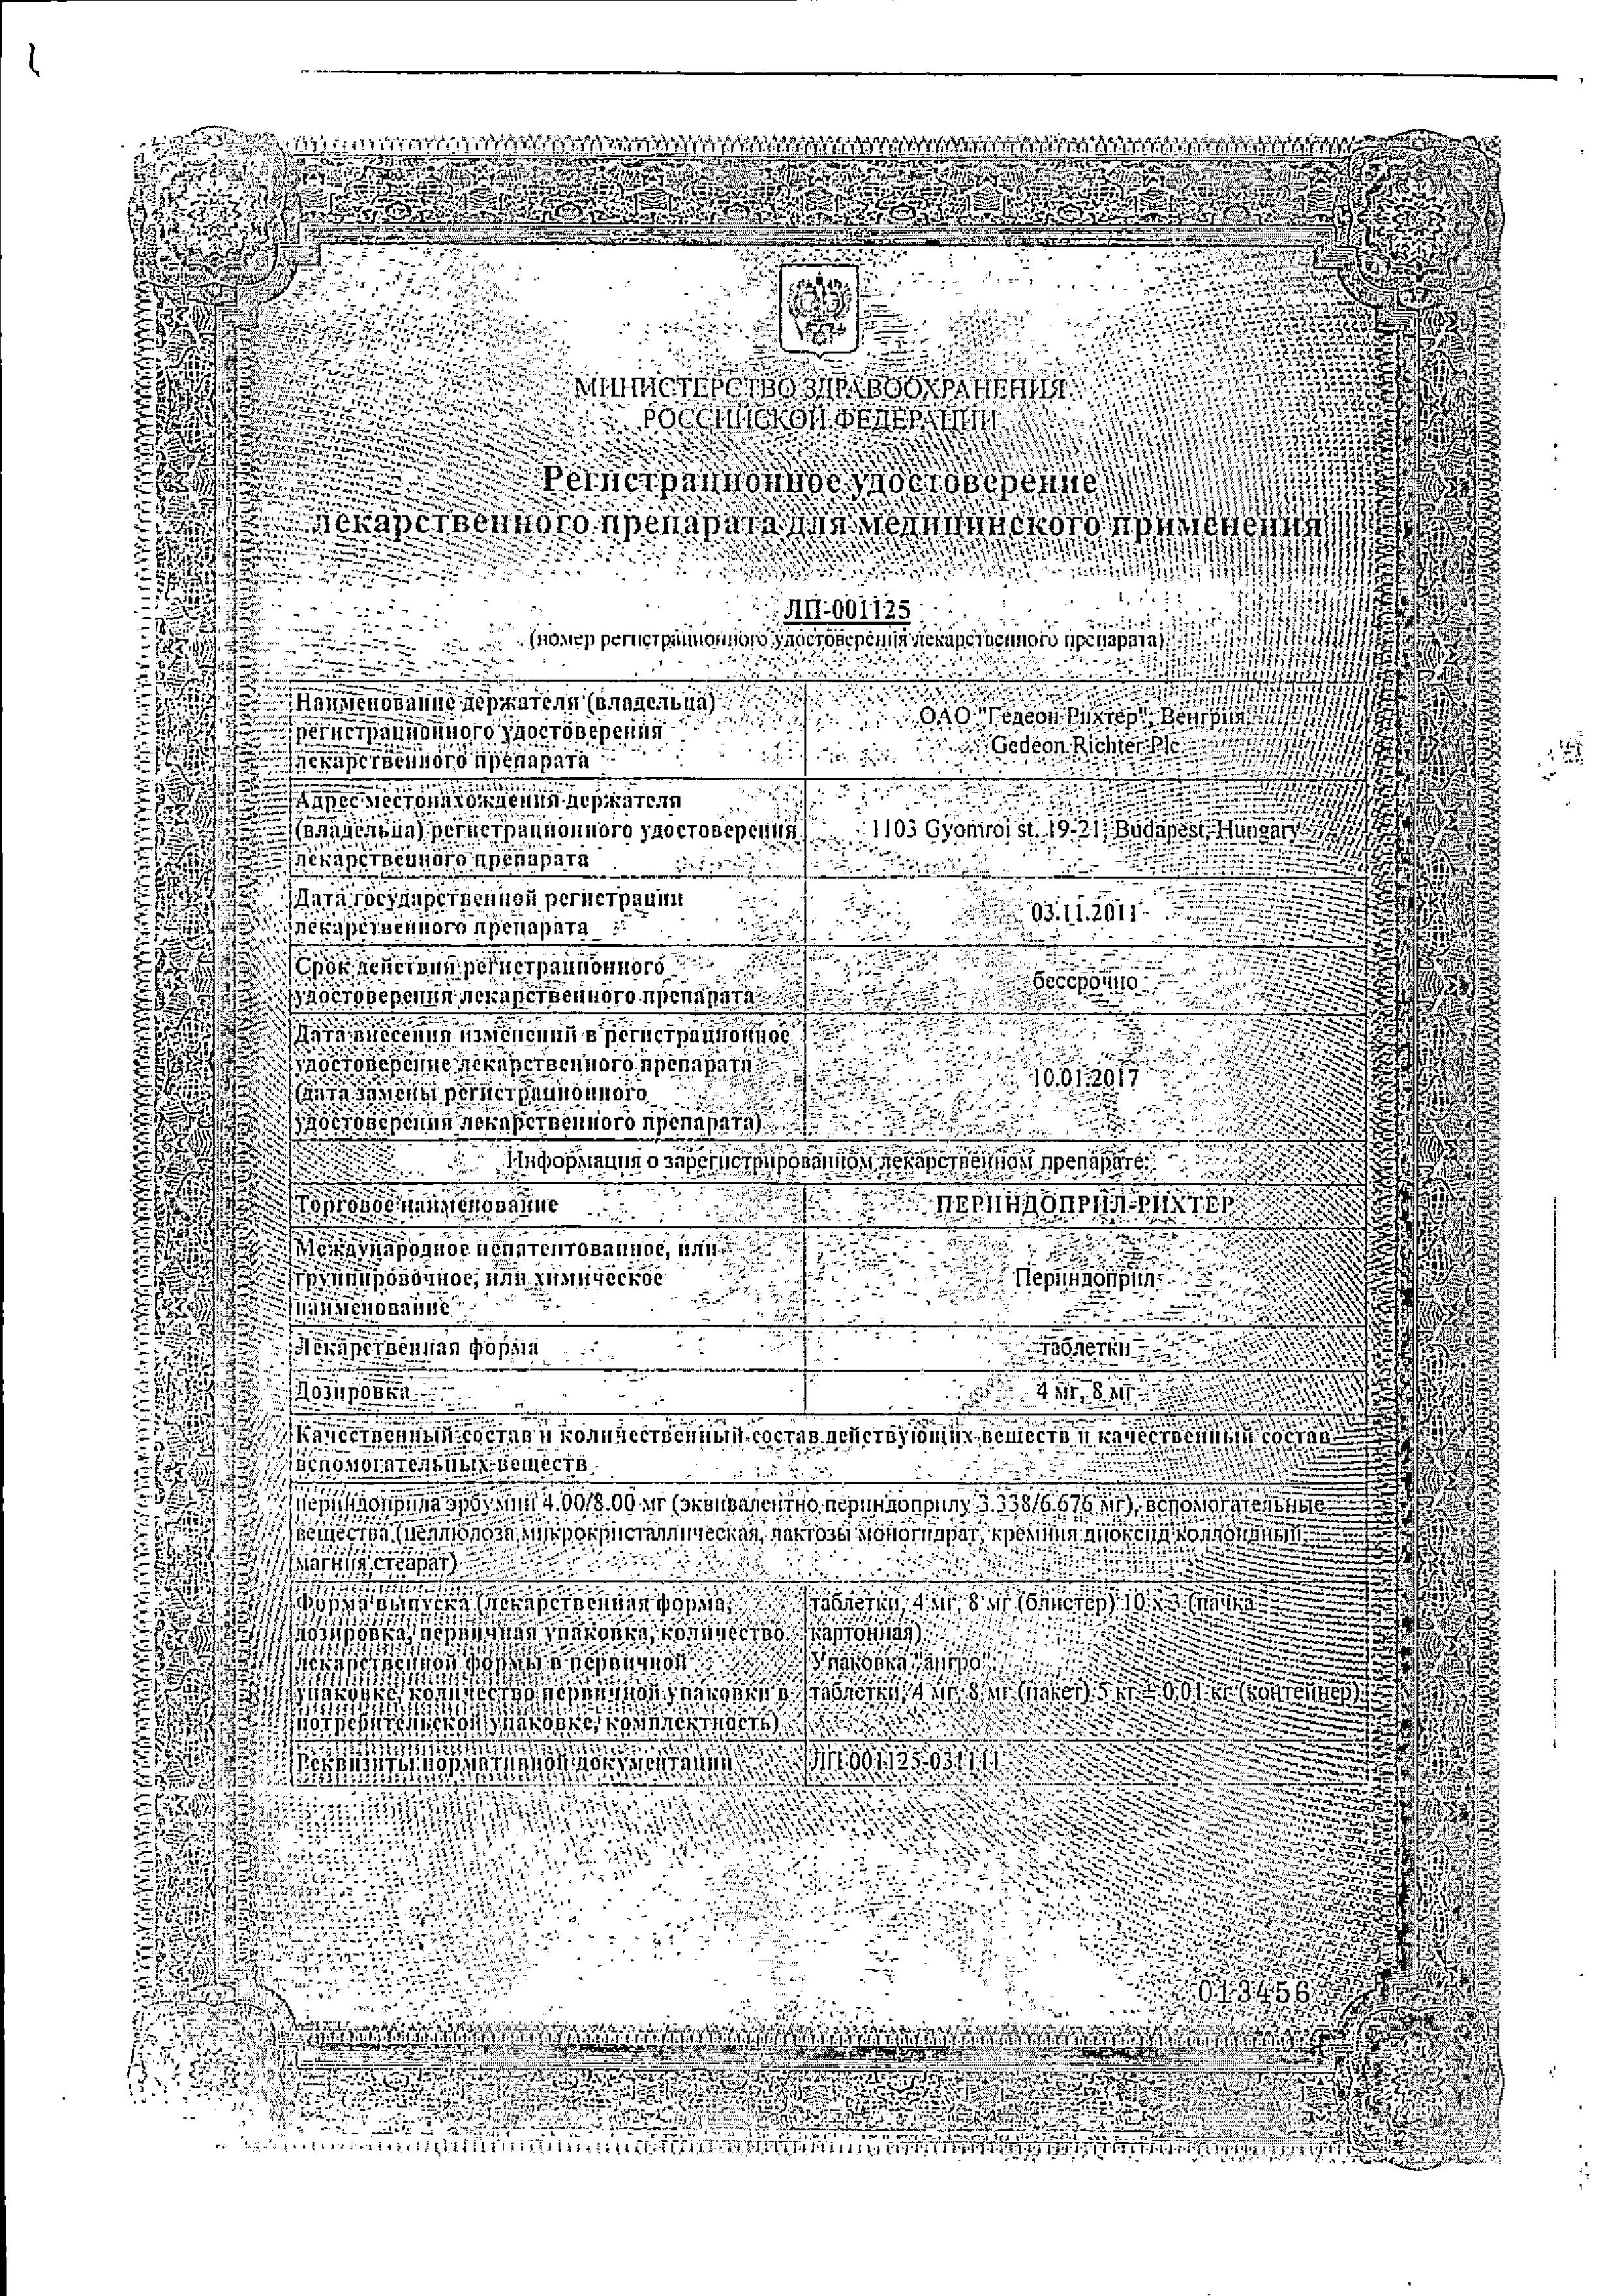 Периндоприл-Рихтер сертификат